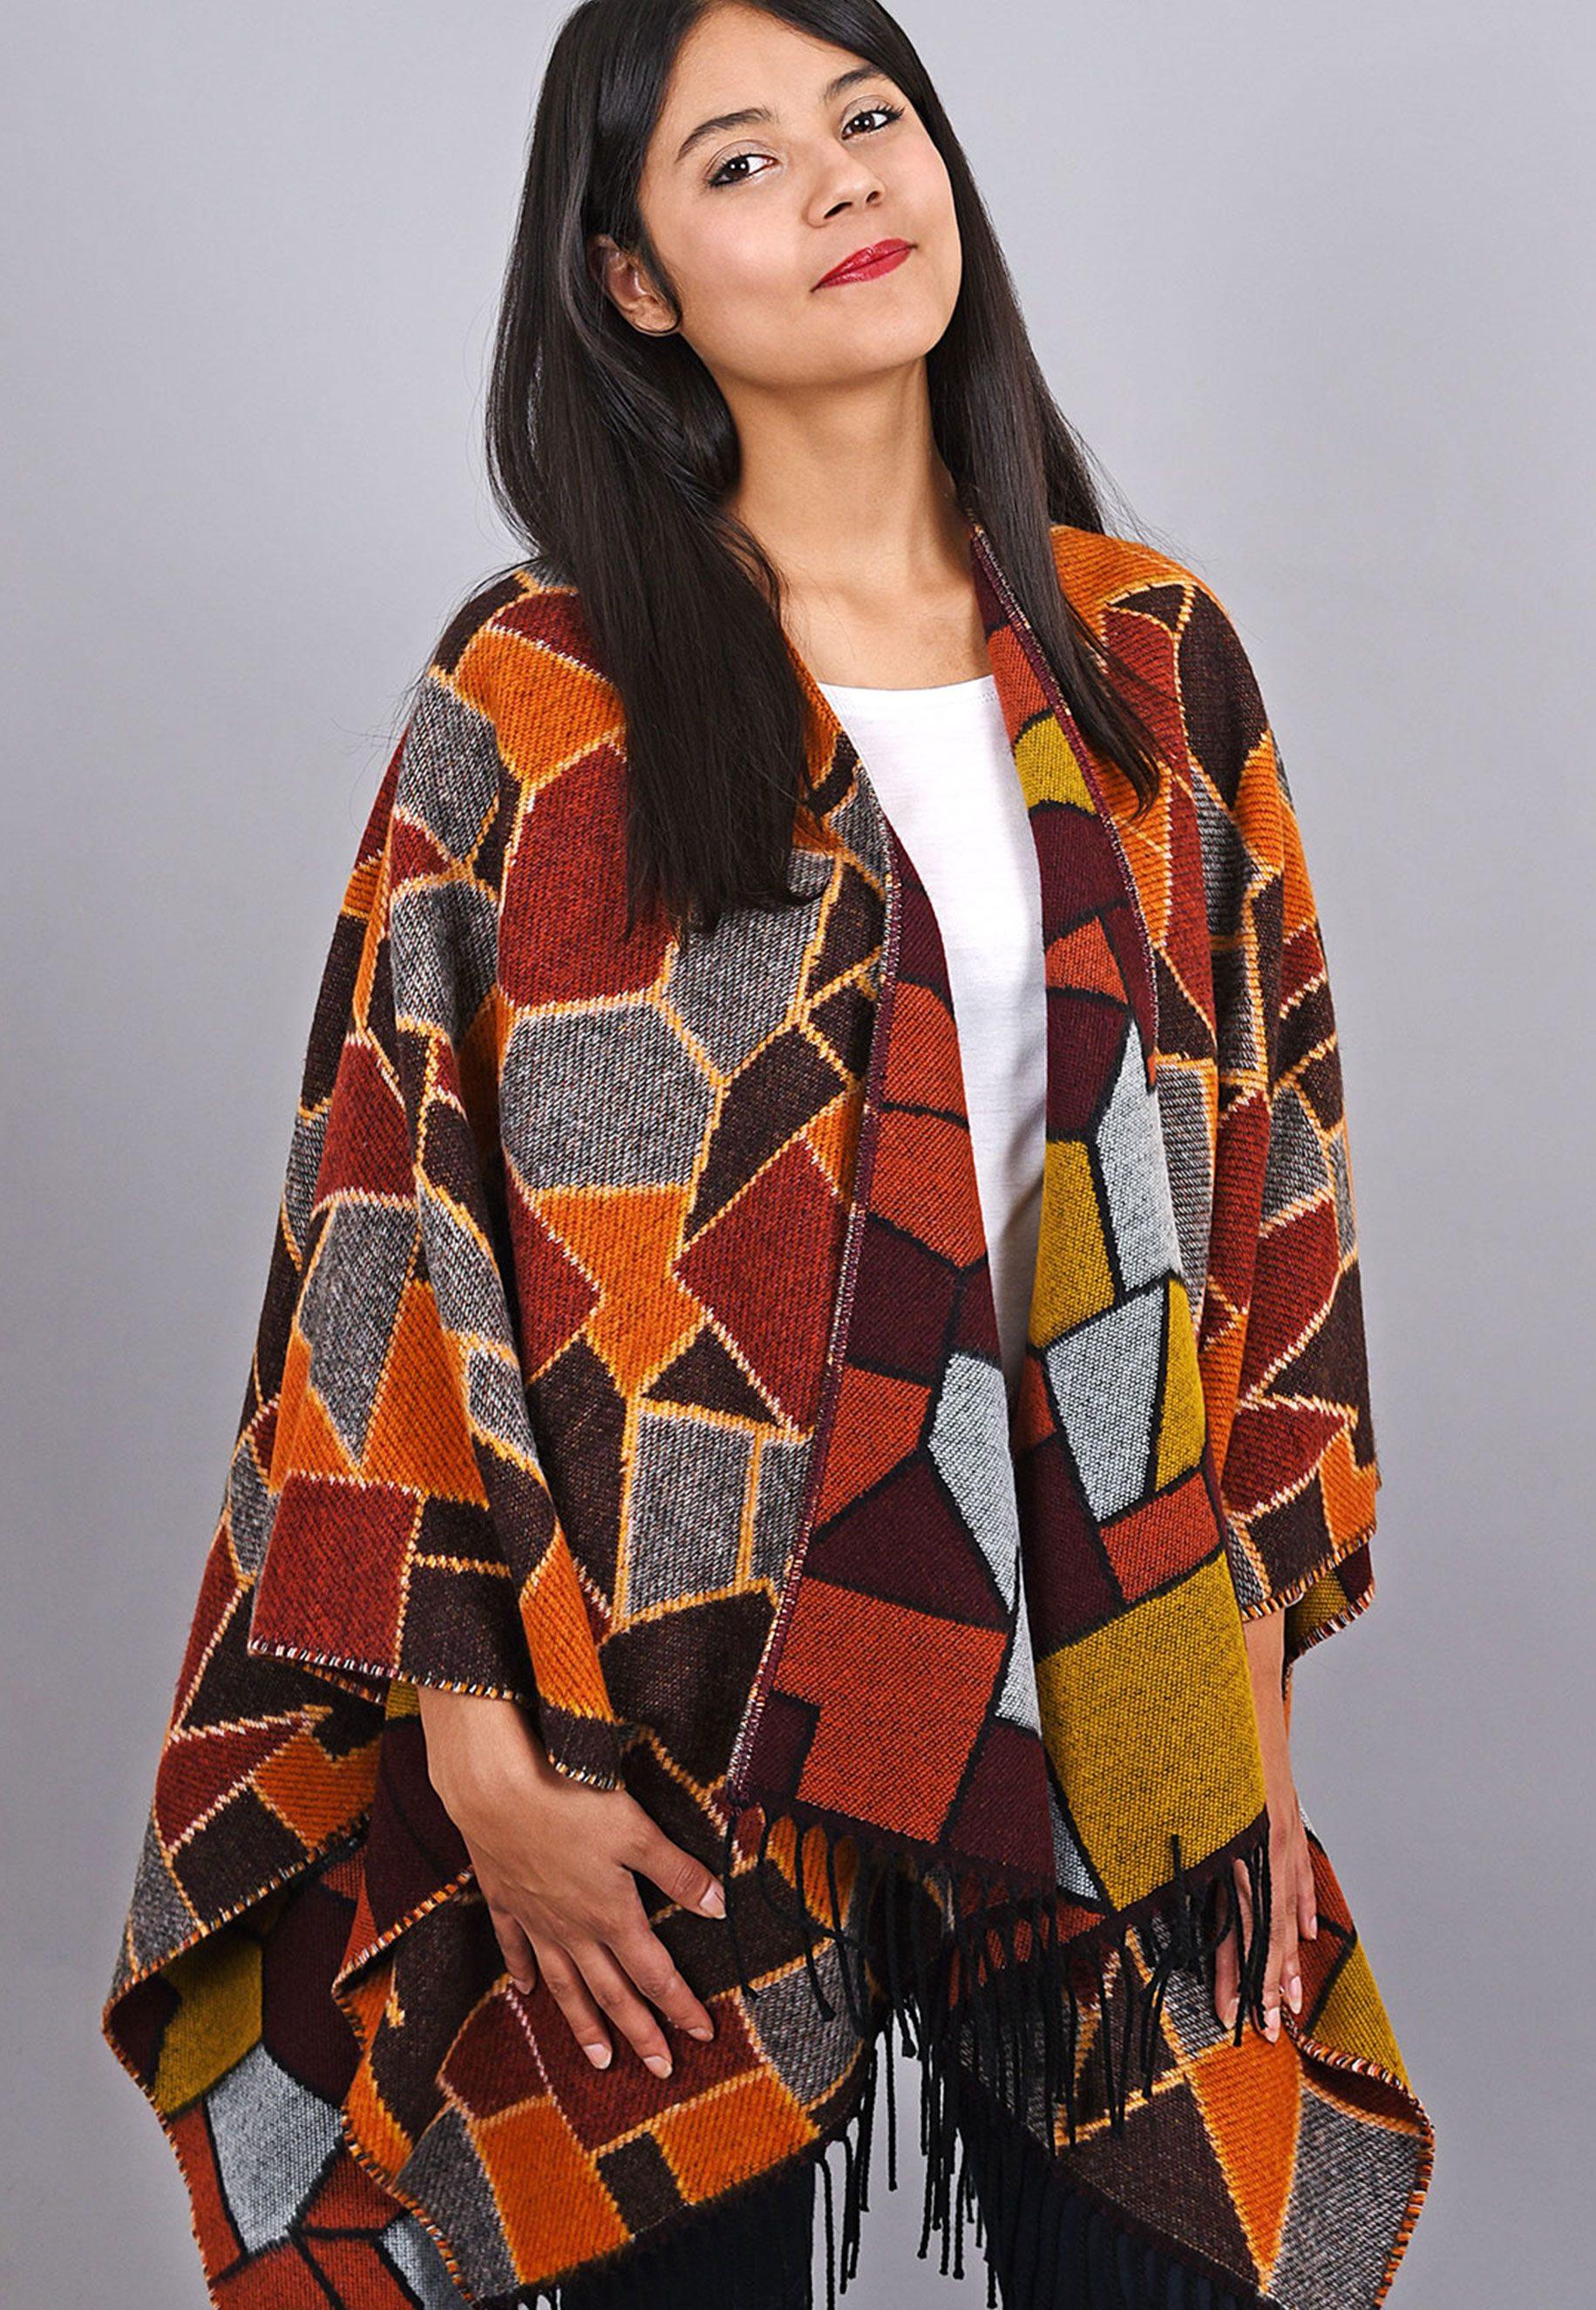 http://lookbook.allee-du-foulard.fr/wp-content/uploads/2018/09/0699-ADF-Accessoires-de-mode-LB-Colorama-automne-Produit-Poncho_nostra-1831x2650.jpg